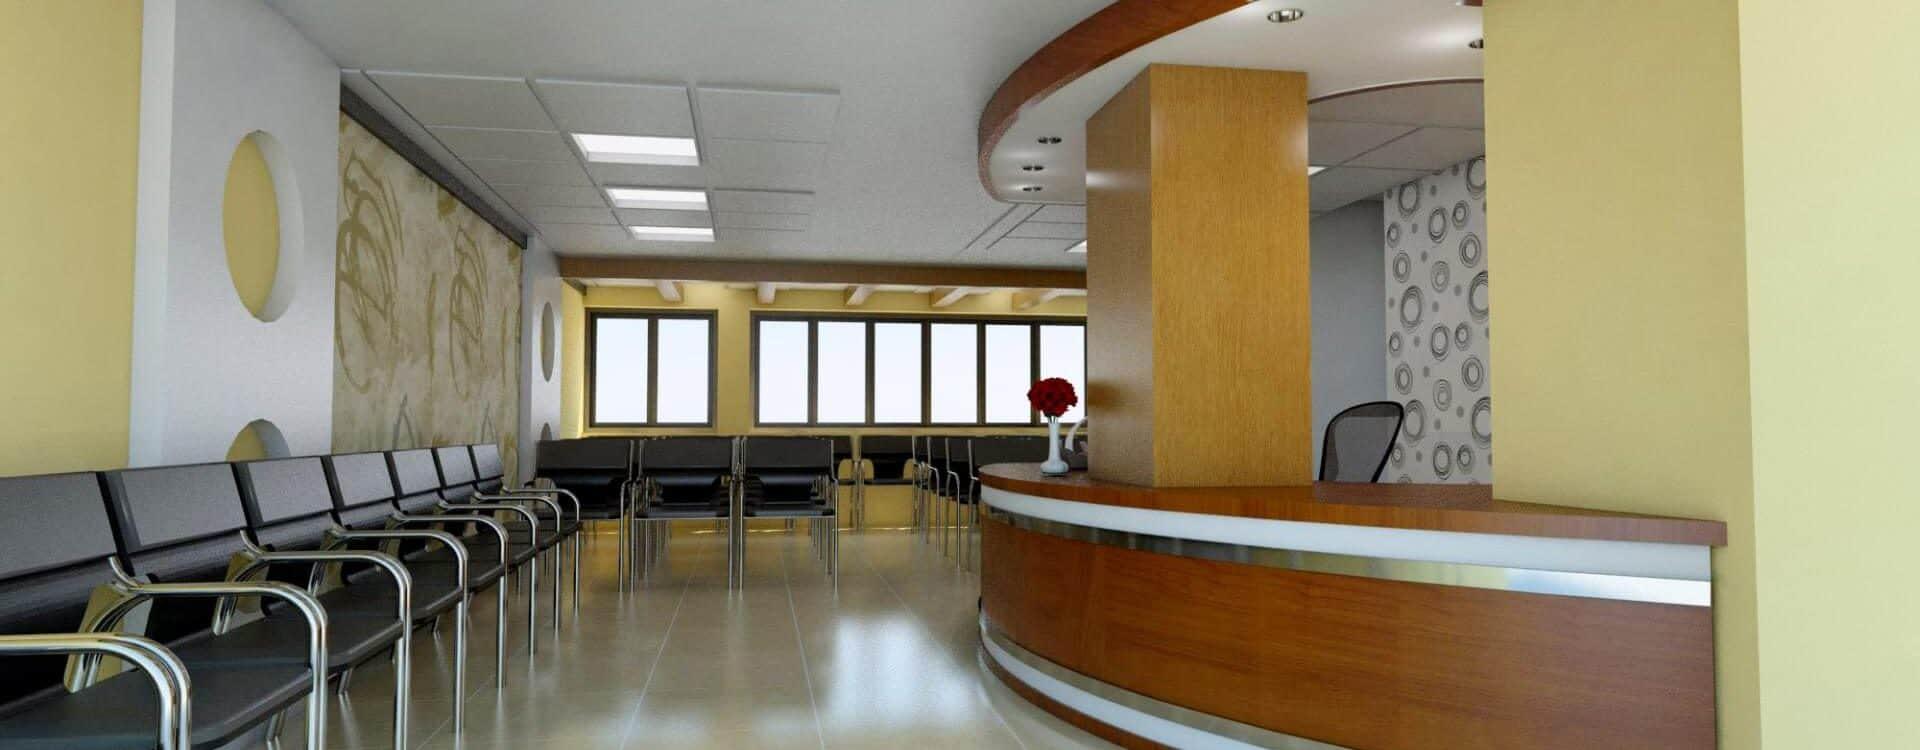 Azool Medical Center at Kolkata